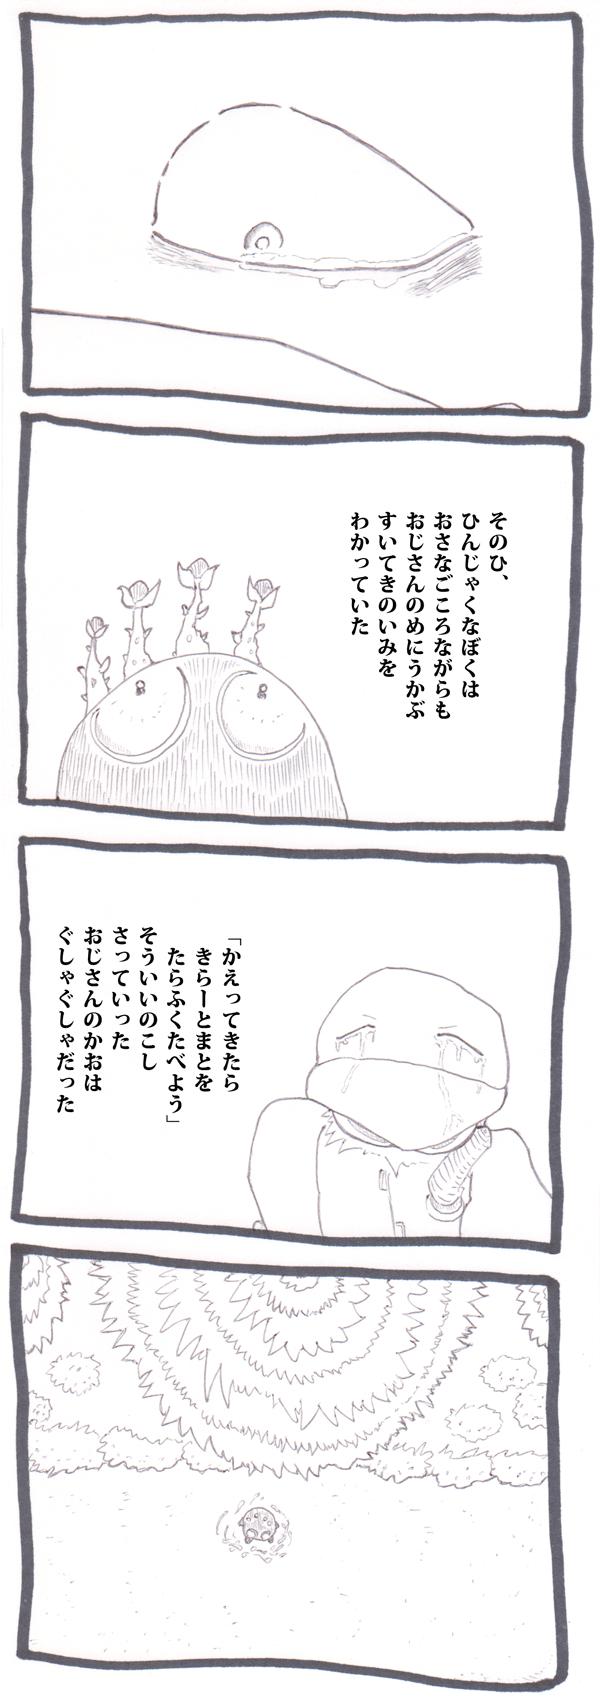 man143.png